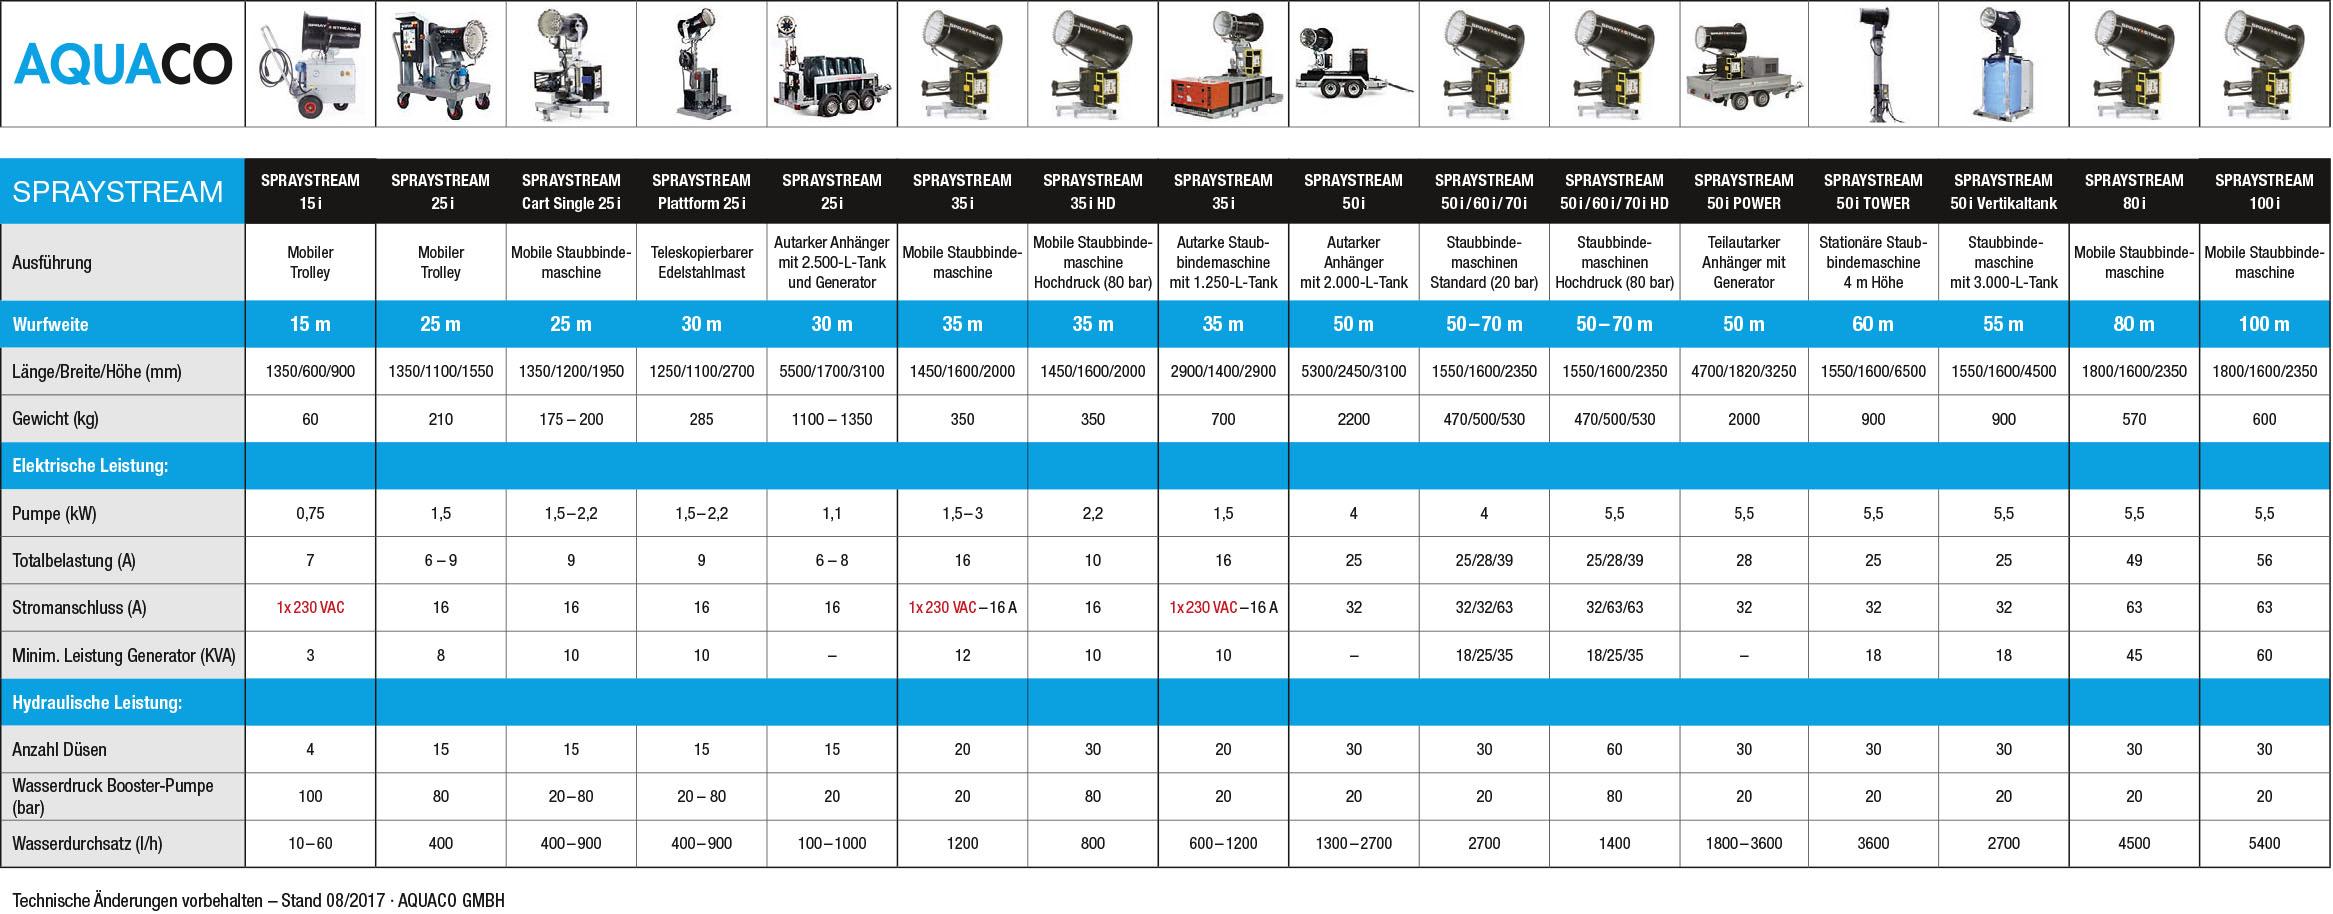 Aquaco Staubbindemaschinen – Maschinentabelle